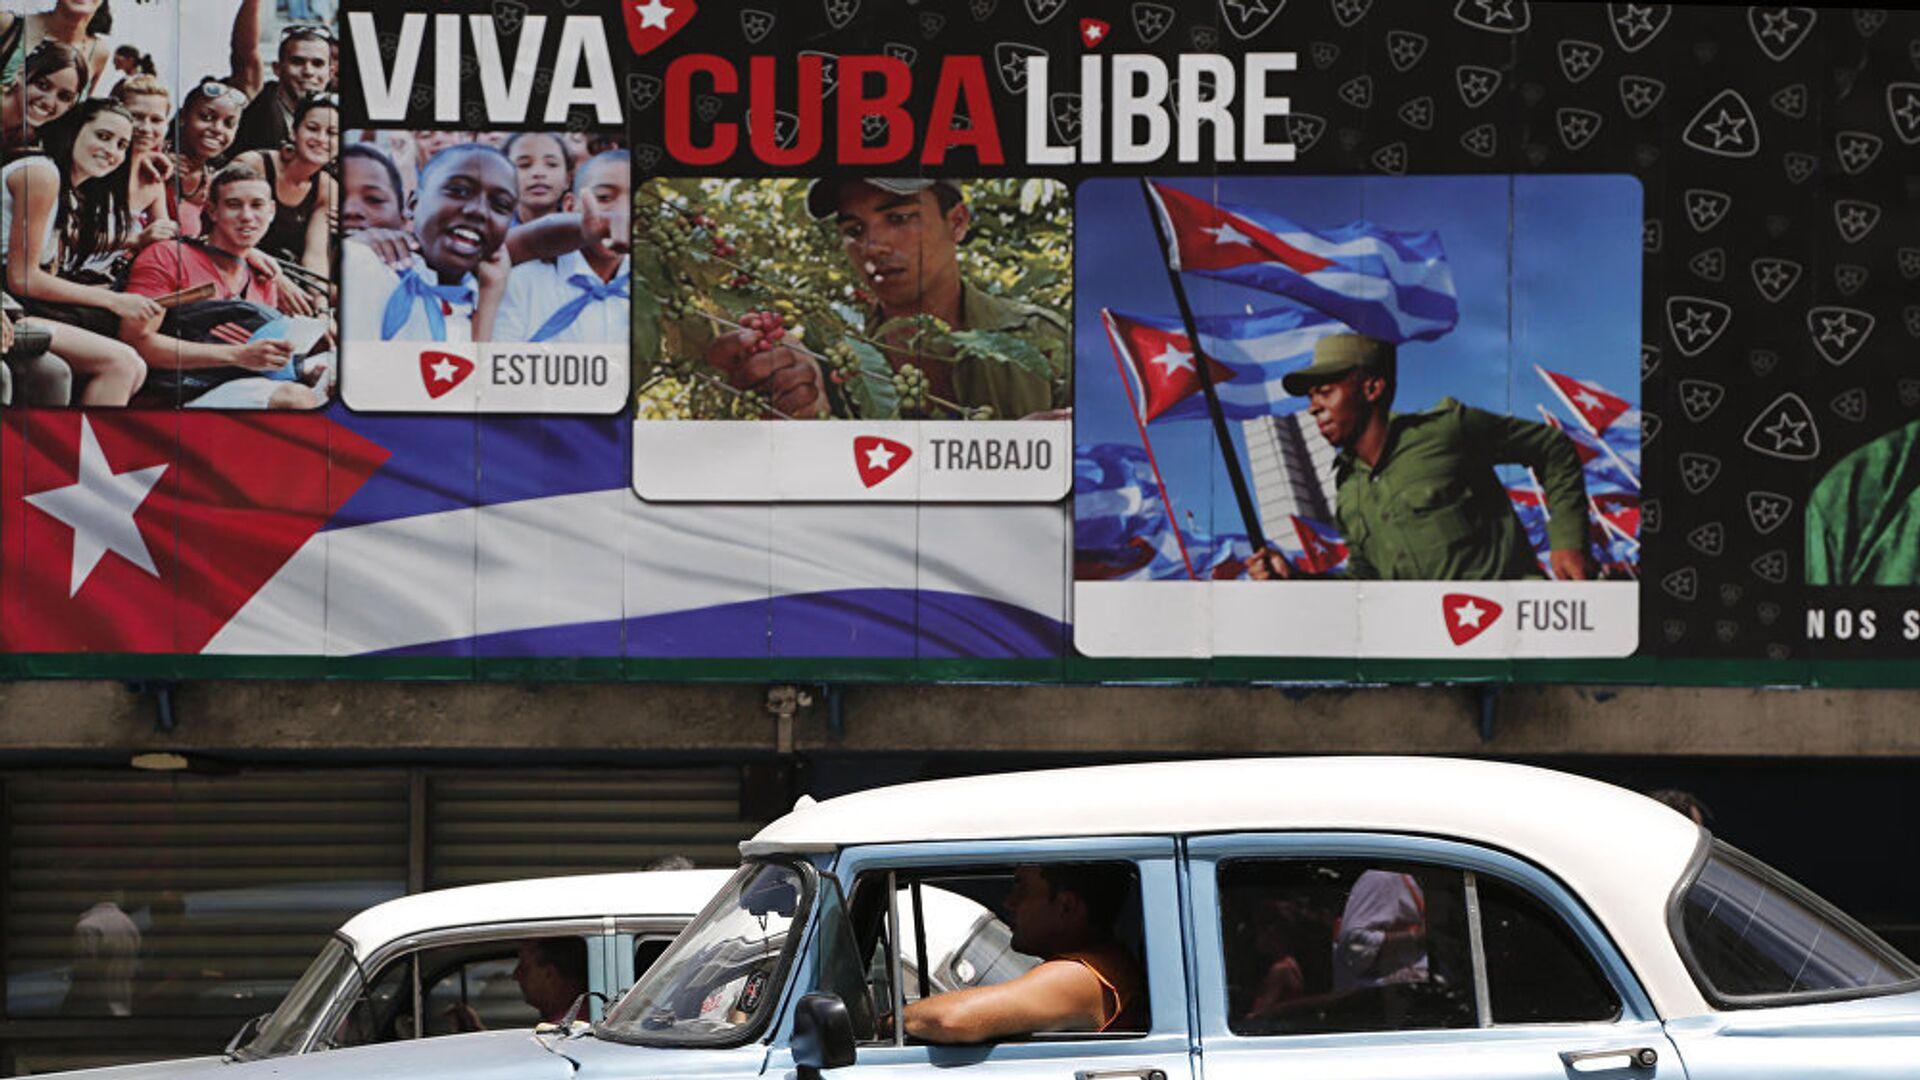 Cuba, scritte che inneggiano alla rivoluzione mentre passa un'auto americana - Sputnik Italia, 1920, 13.07.2021